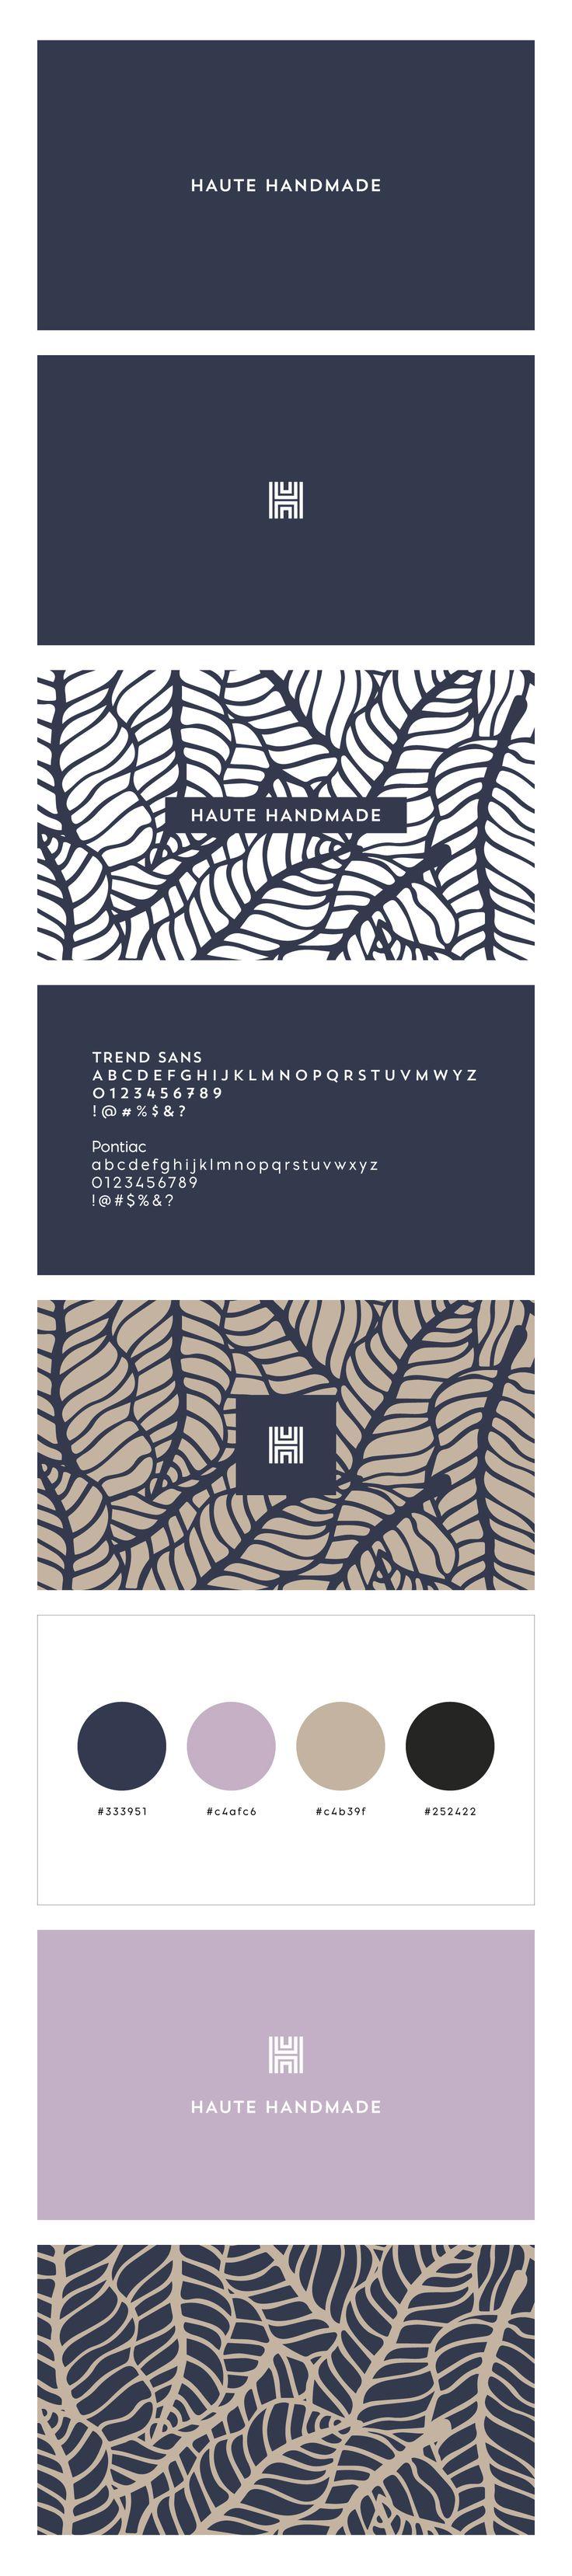 Branding and logo design for a new website, hautehandmade.com, by IAMTHELAB Consulting.